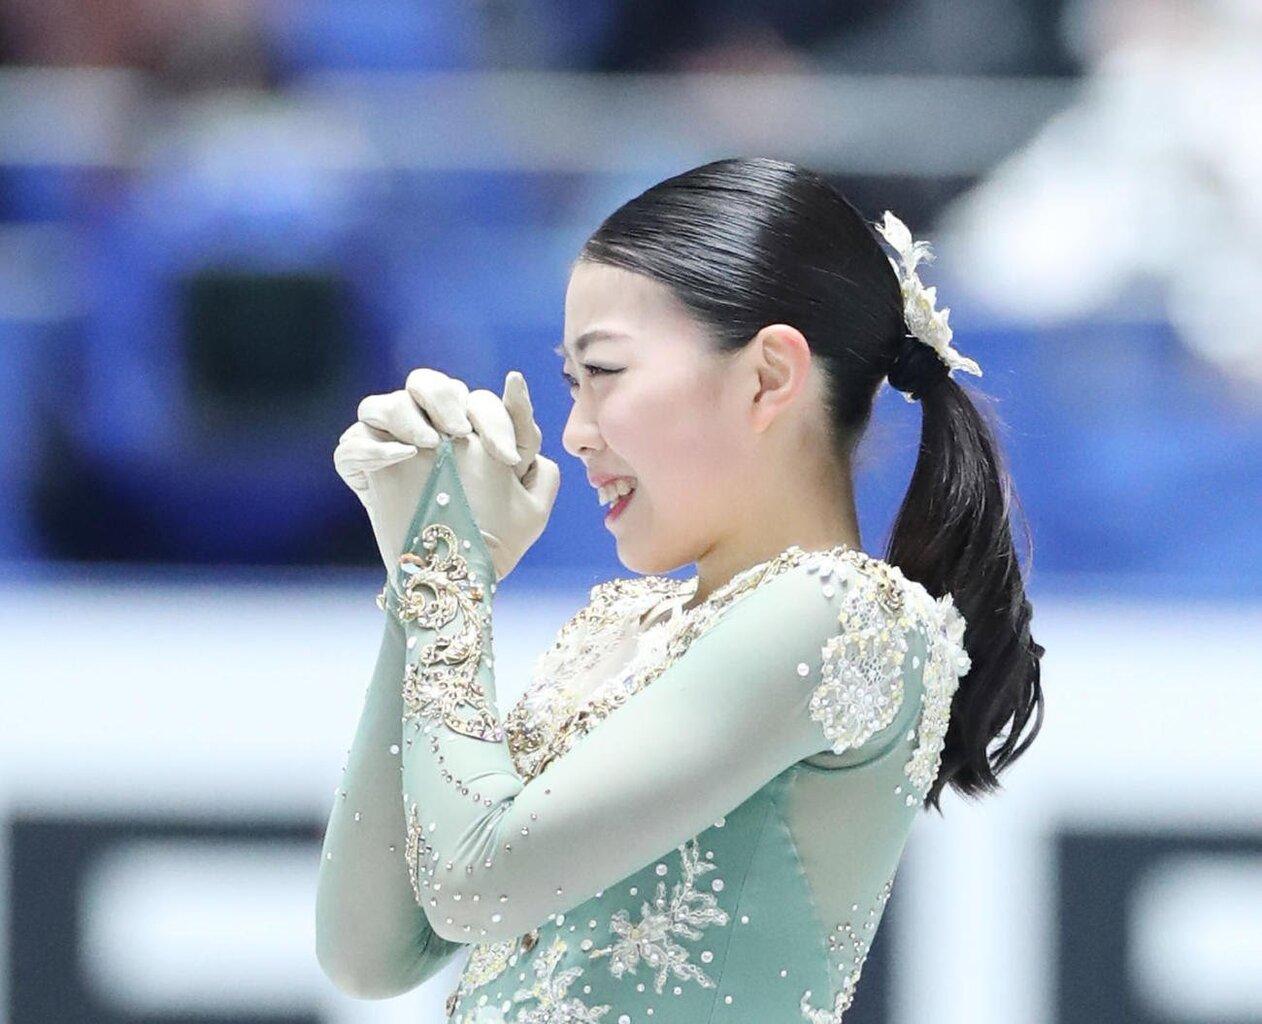 アイス スケート 全日本 選手権